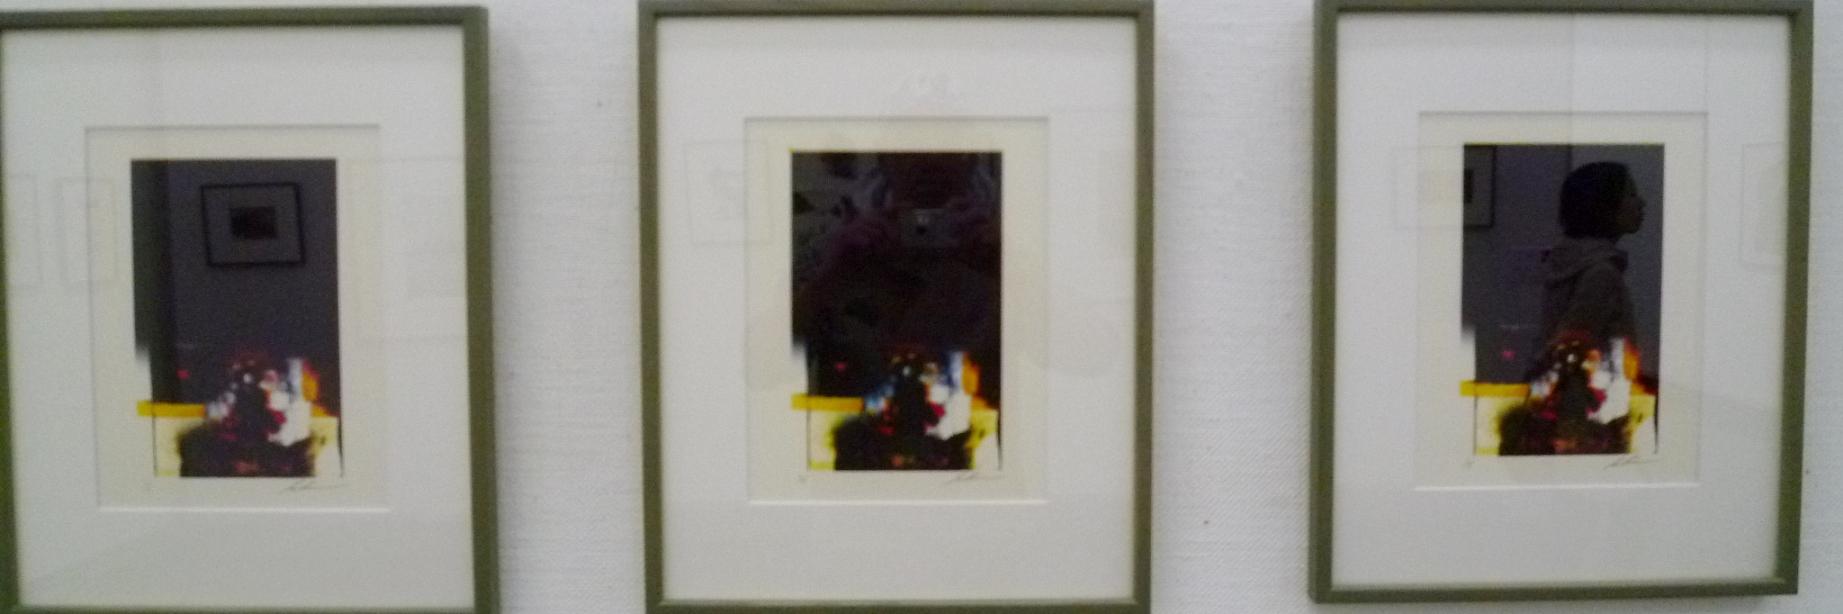 1566)④「石井誠・個展 中島ゼミ展・道都大学(第50回記念展)」市民gallery 終了5月11日(水)~5月15日(日)_f0126829_05933.jpg